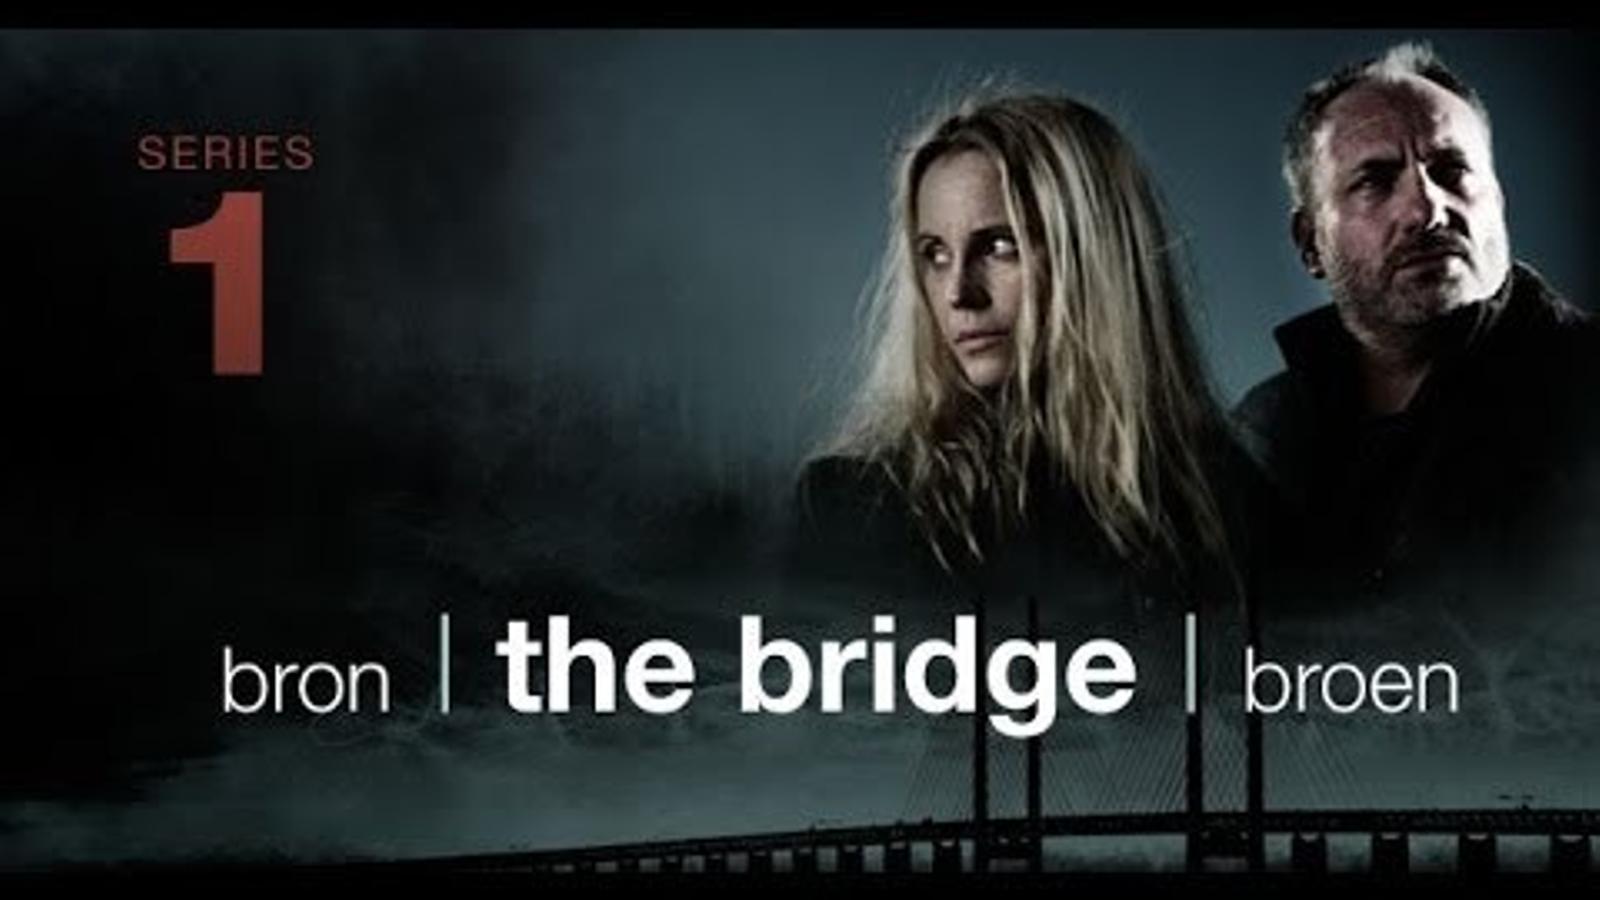 'The bridge', com el seu nom indica, té com a escenari habitual un pont